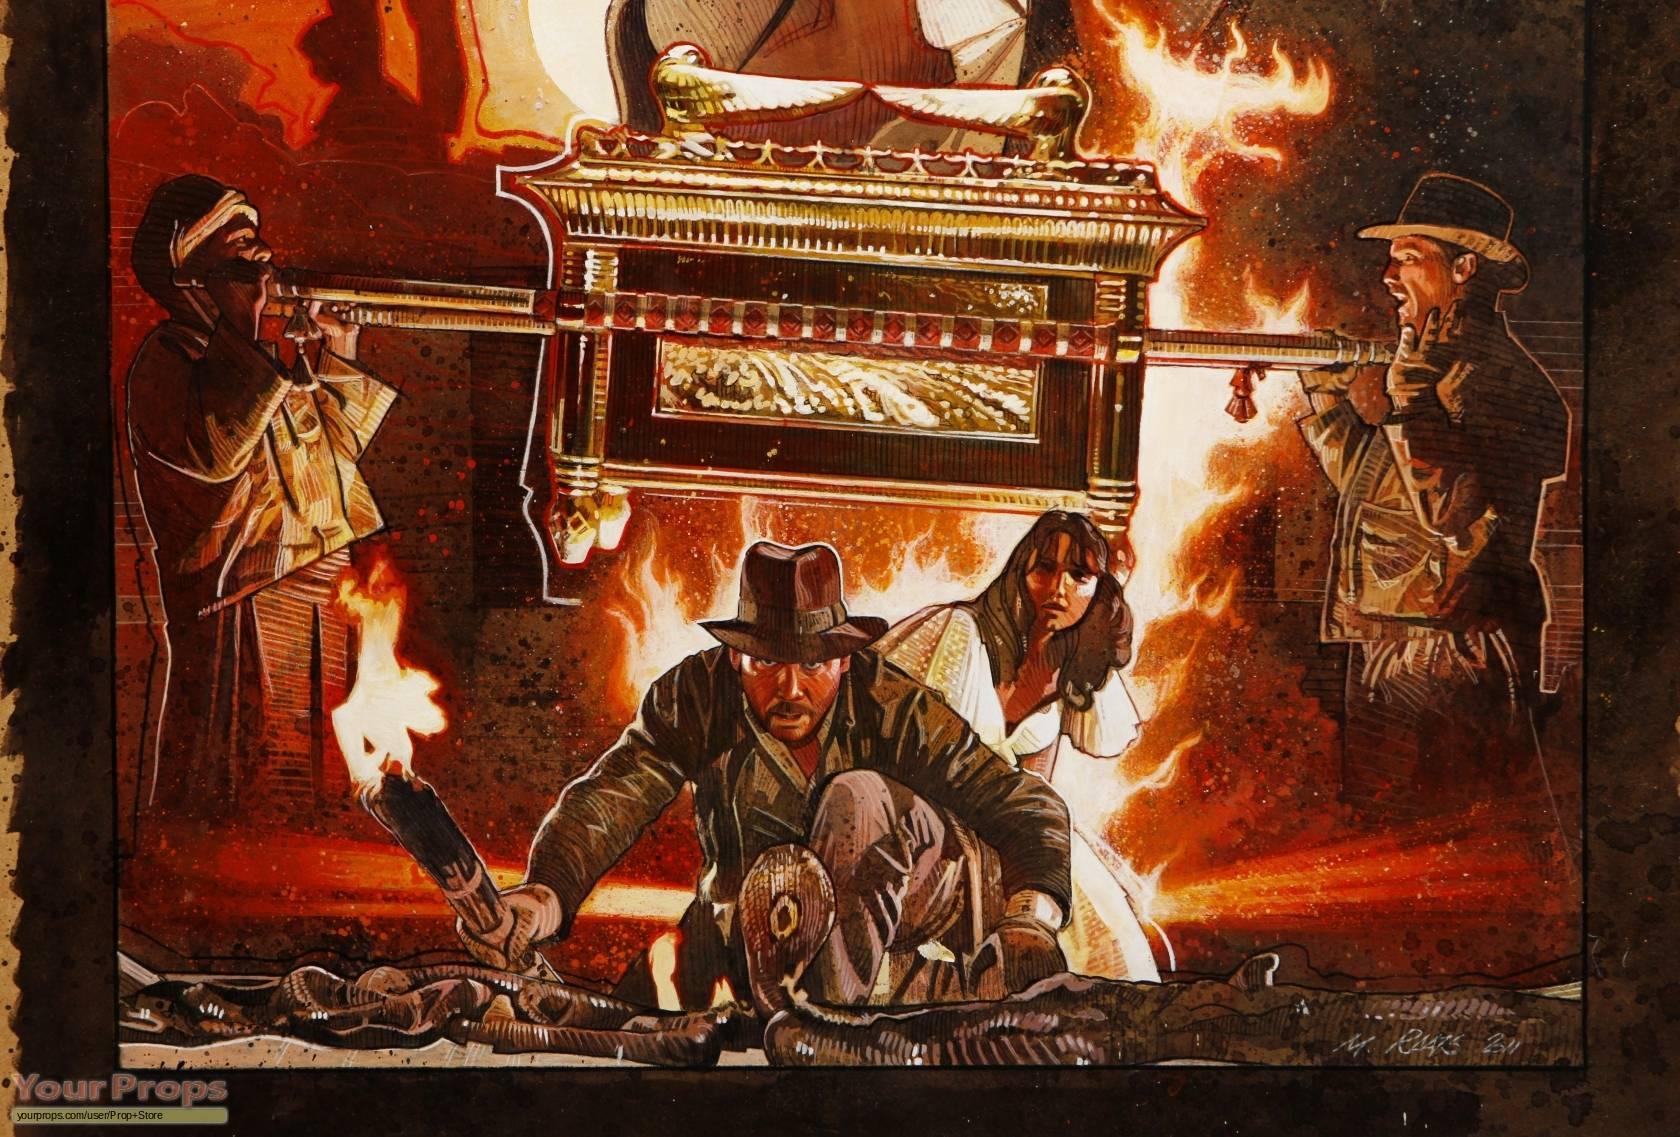 1680x1137px Indiana Jones Wallpaper 1680x1137